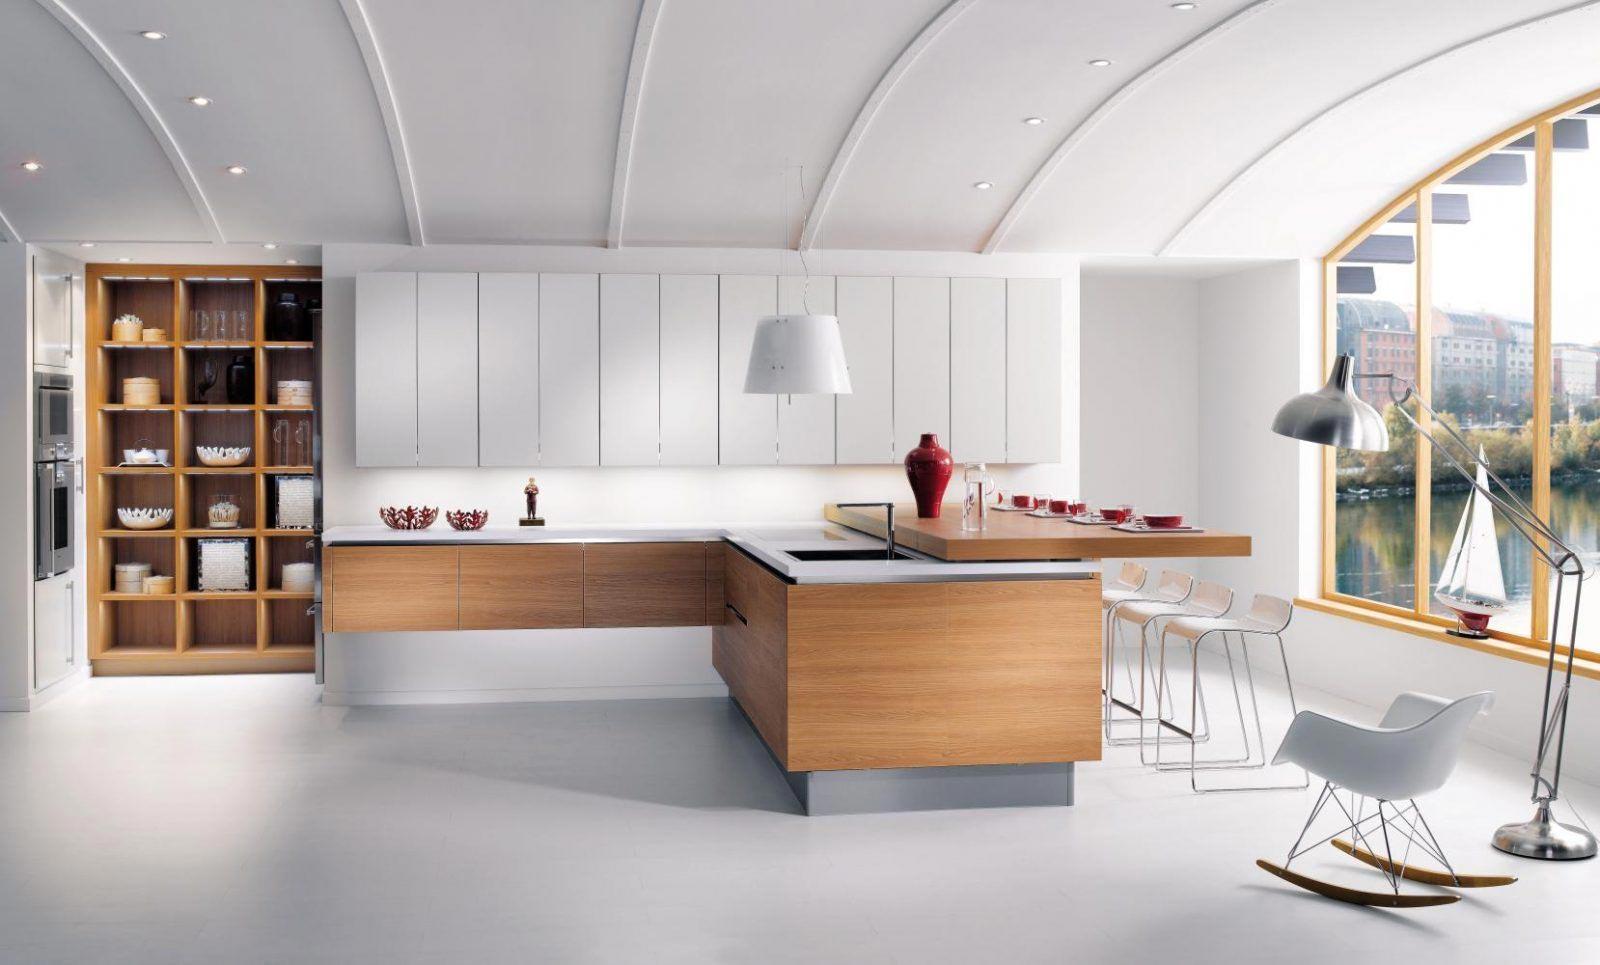 ilha-de-cozinha-moderna